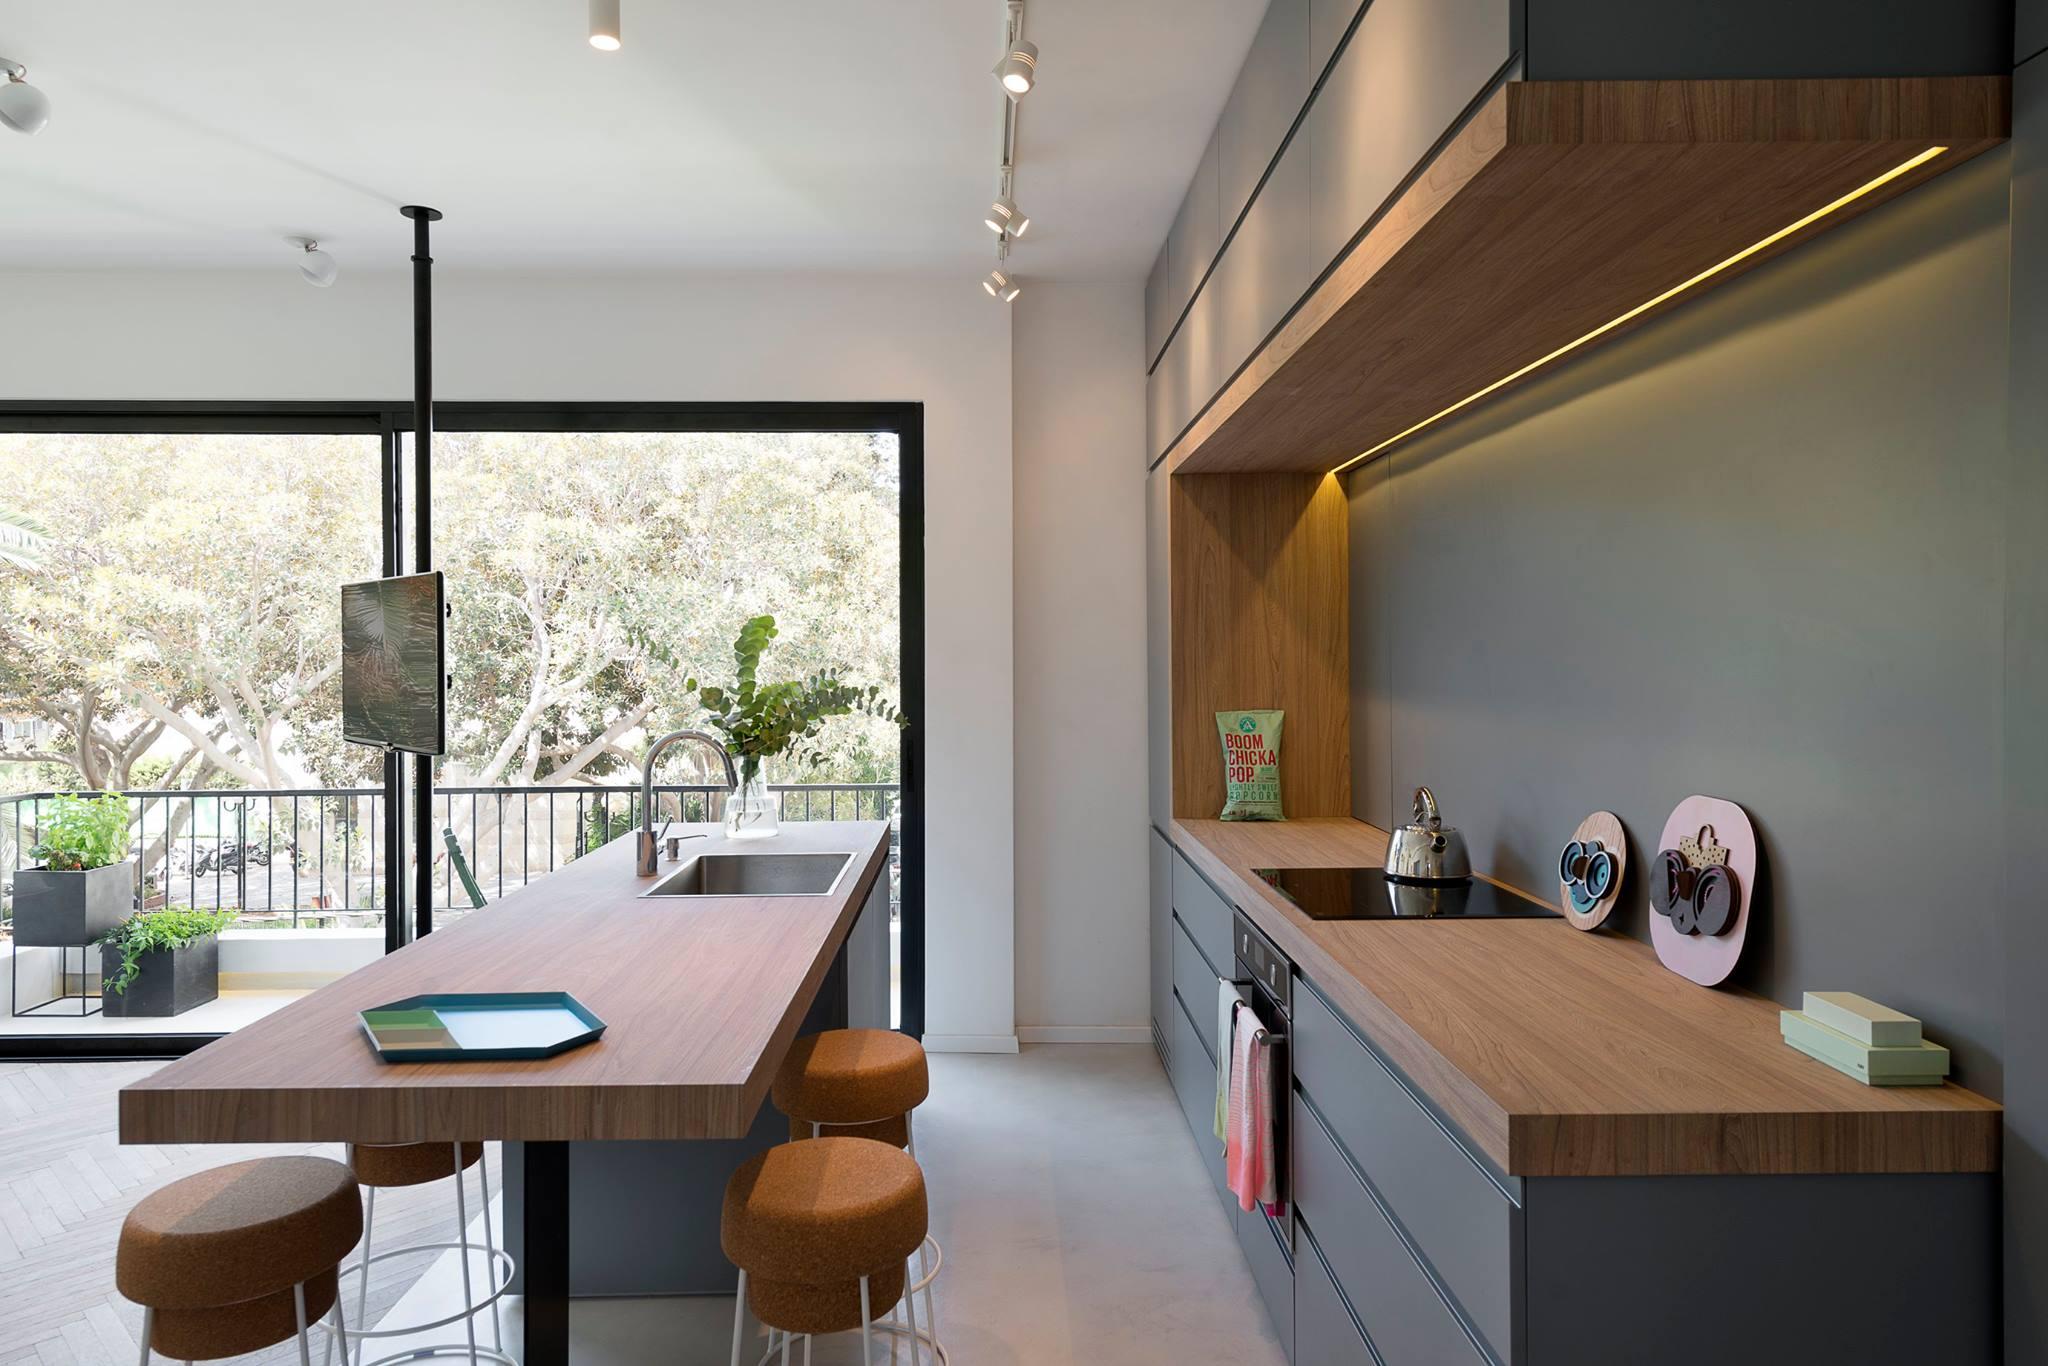 35 ispirazioni per una arredare la cucina a vista living for Arredare cucina 4 mq